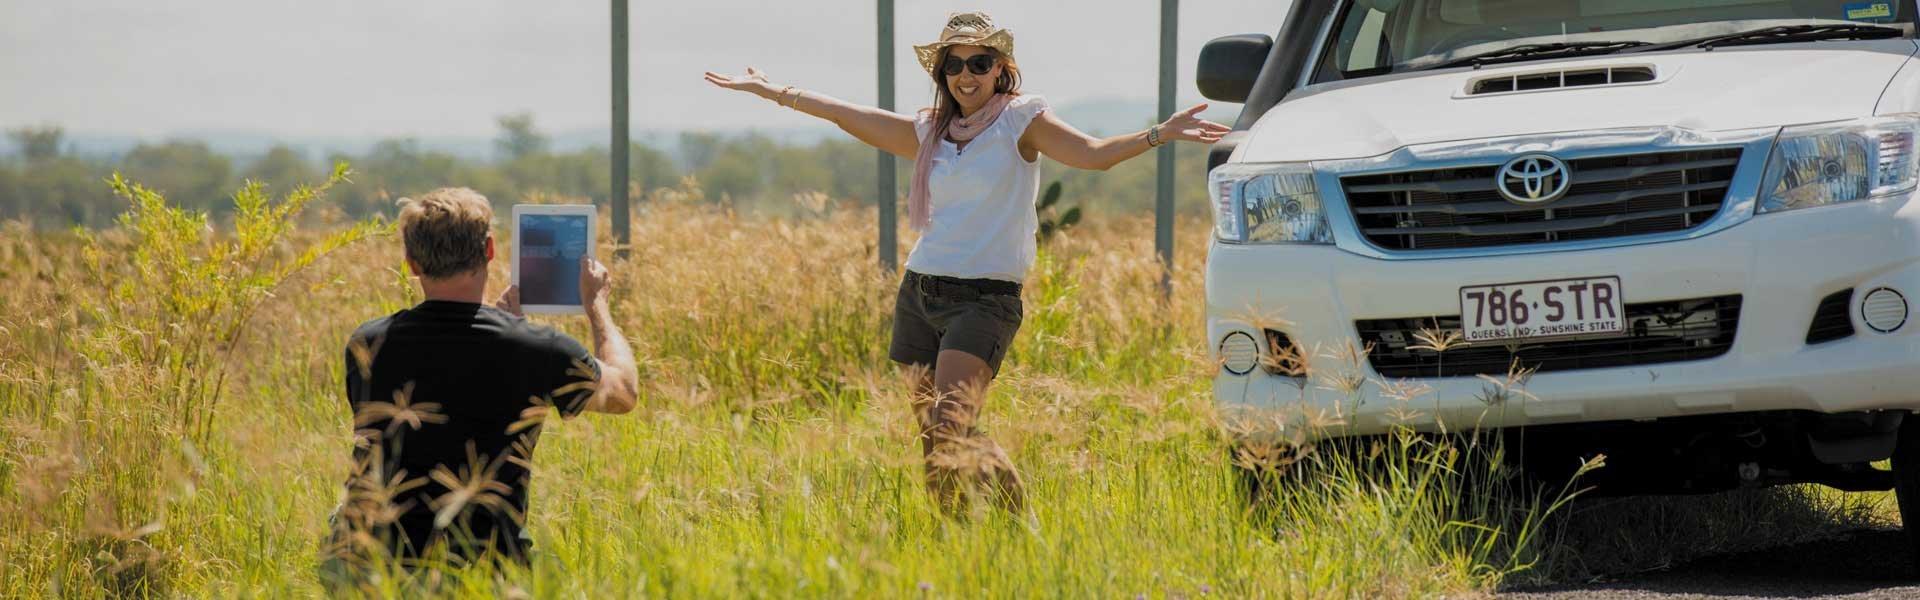 Maak een campervakantie in Australië met een camper van Apollo